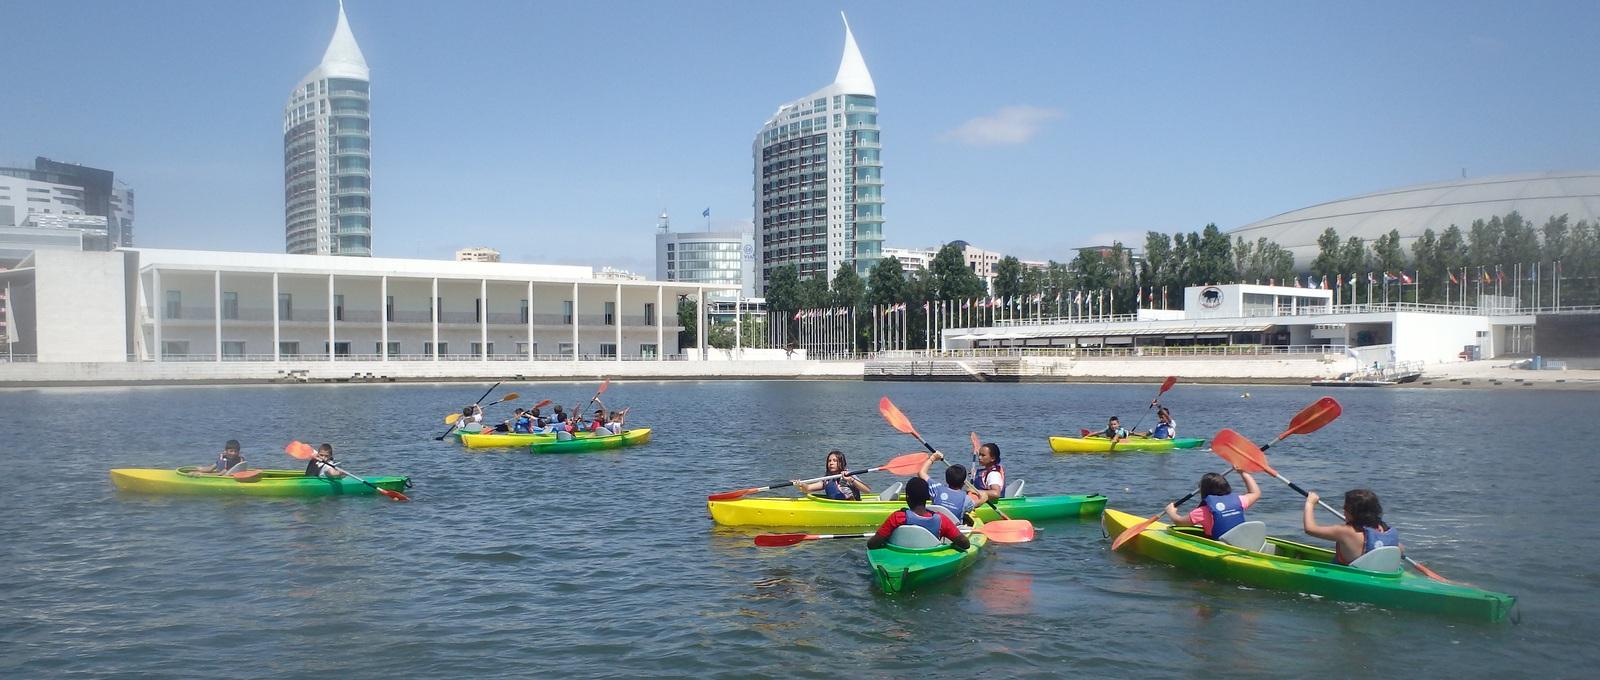 Aulas de canoagem no Centro Náutico Marina Parque das Nações